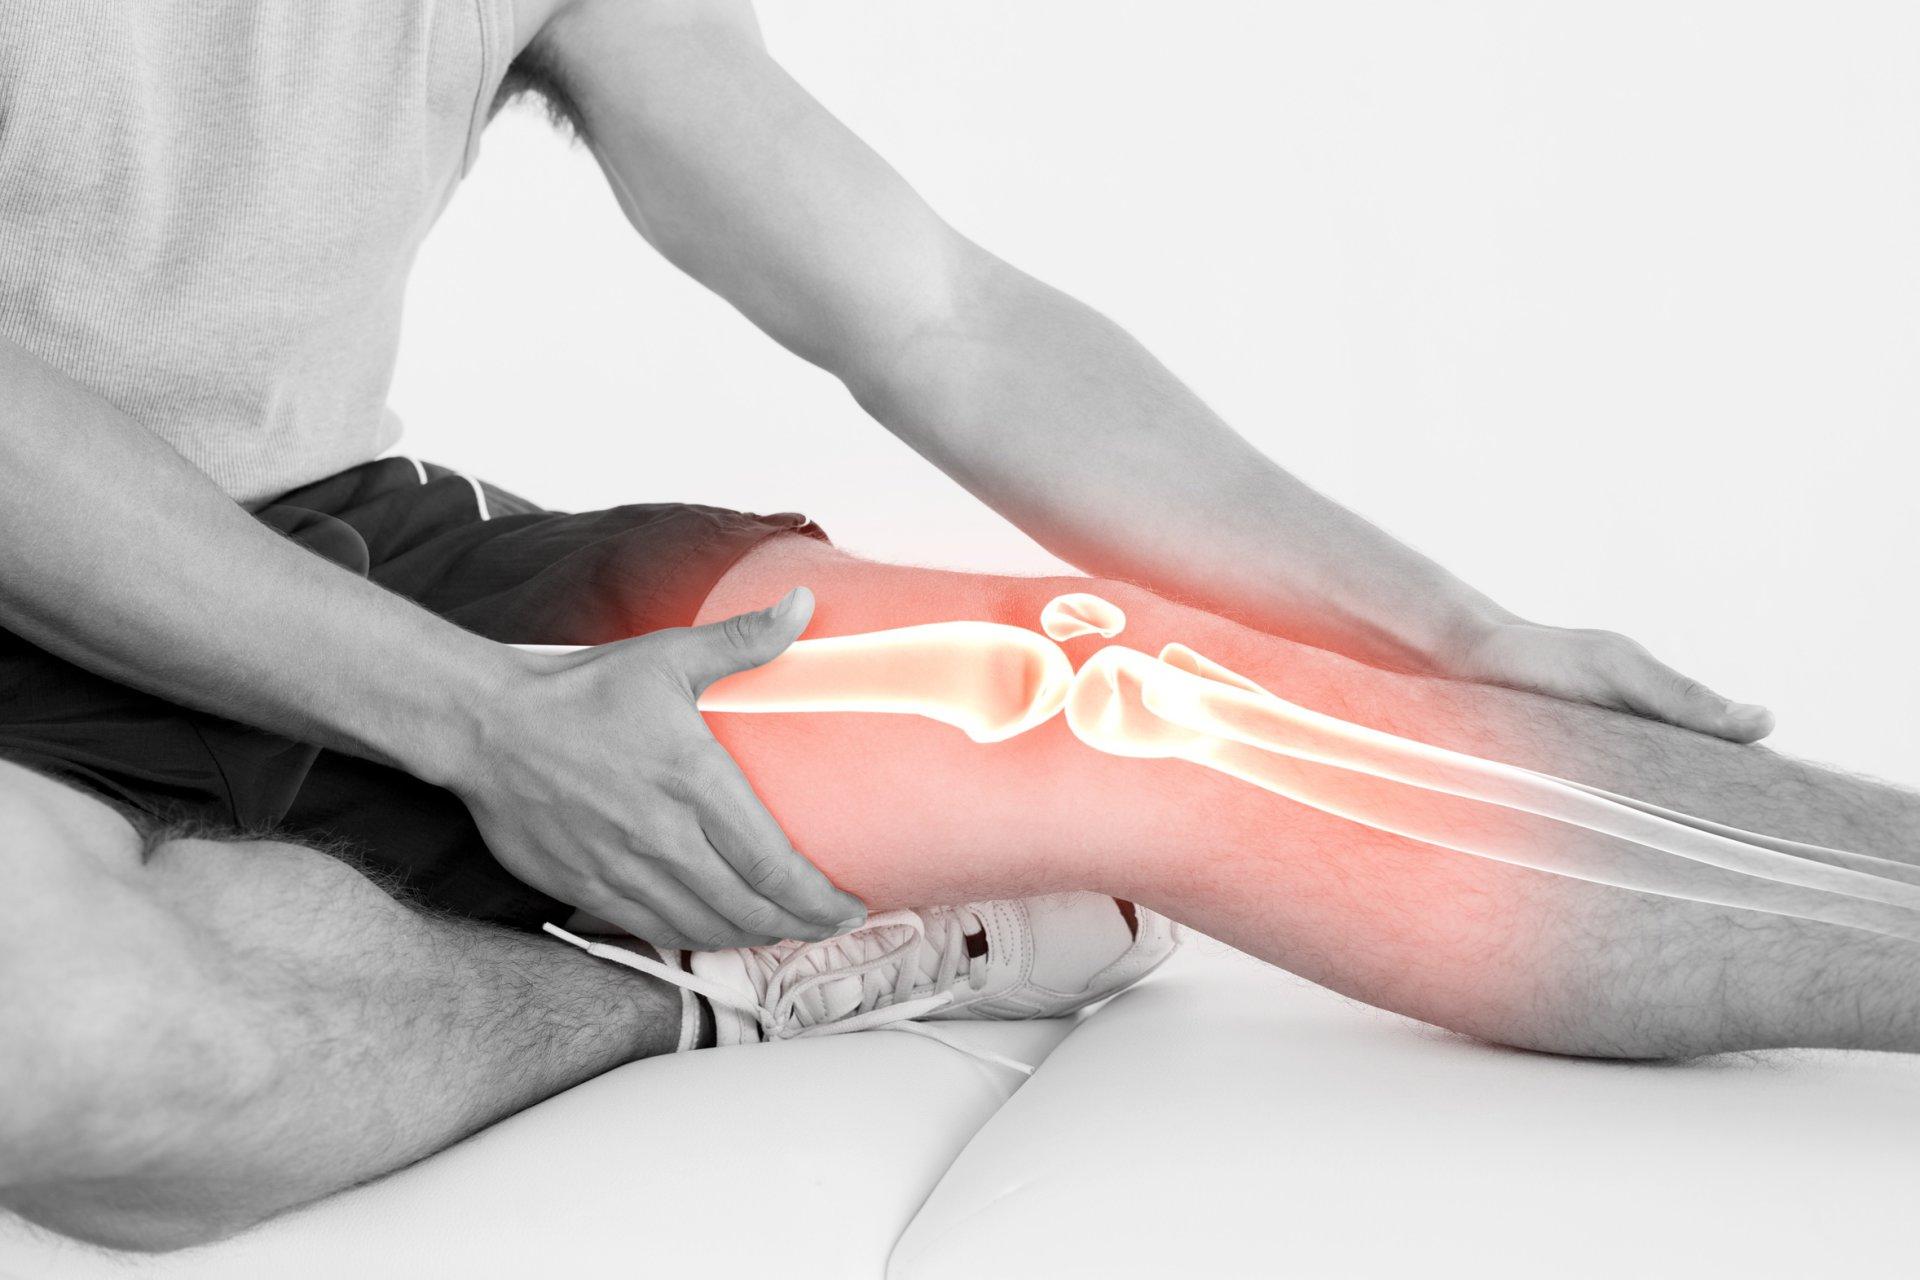 bat sąnarių skausmas ir raumenų skausmas peties sąnario kai pakėlė dešinę ranką